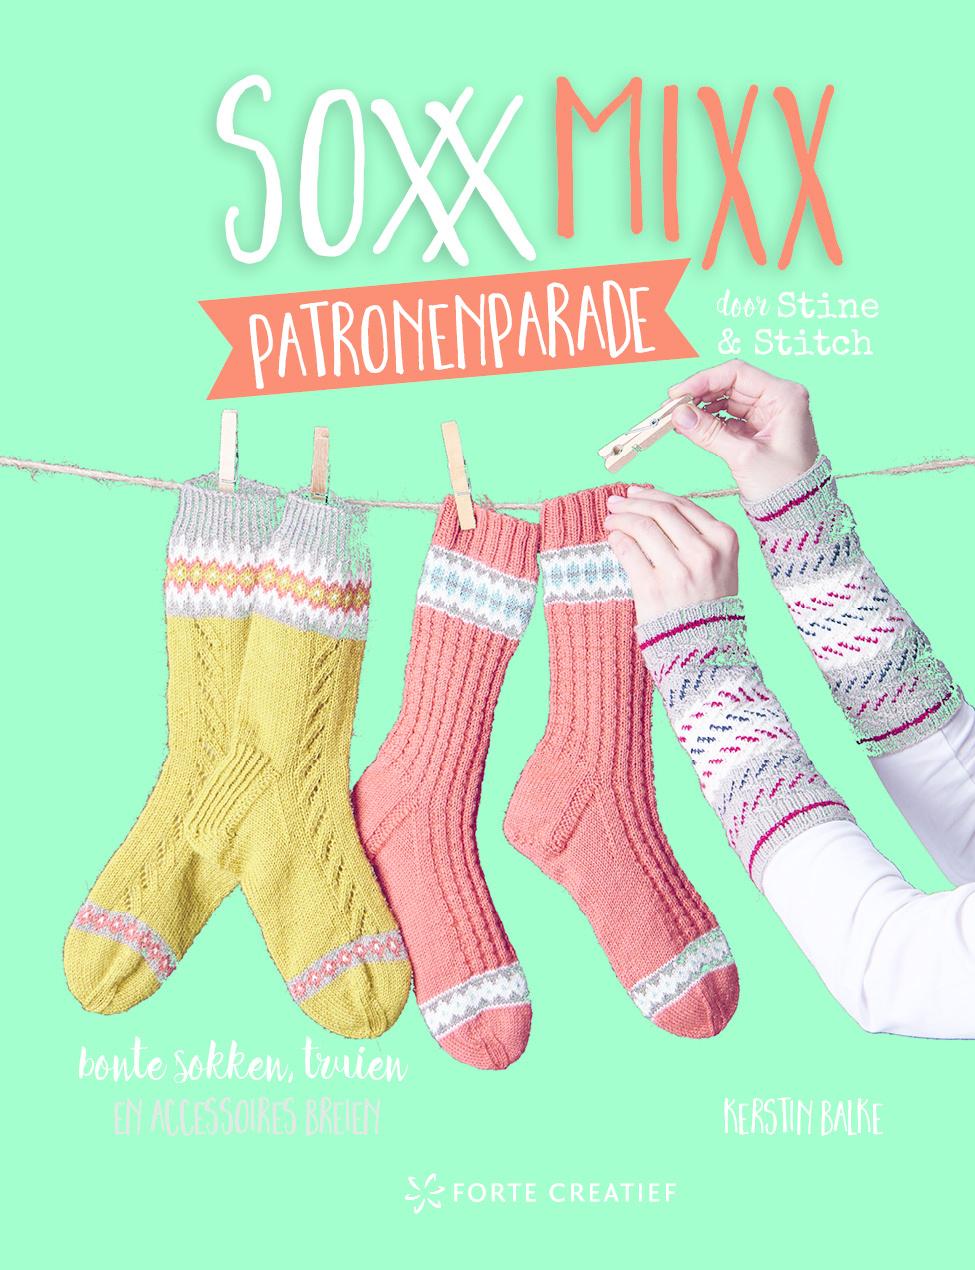 Forte creatief SoxxMixx Patronenparade